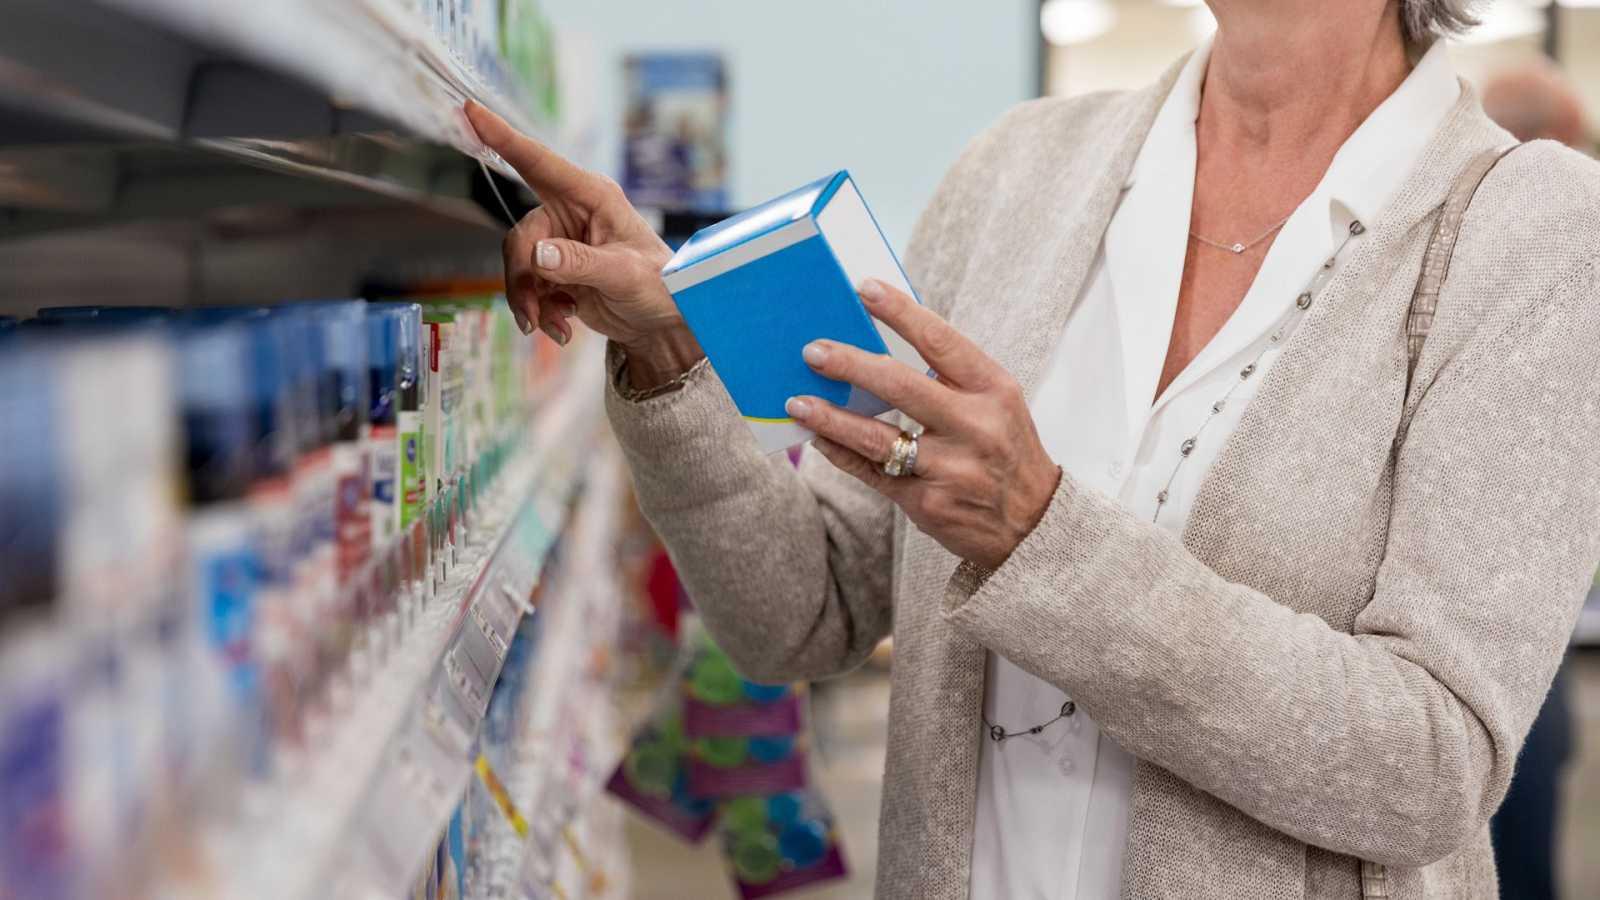 Anticonceptivos o corticoides: medicamentos comunes que aumentan el riesgo de trombos más que AstraZeneca